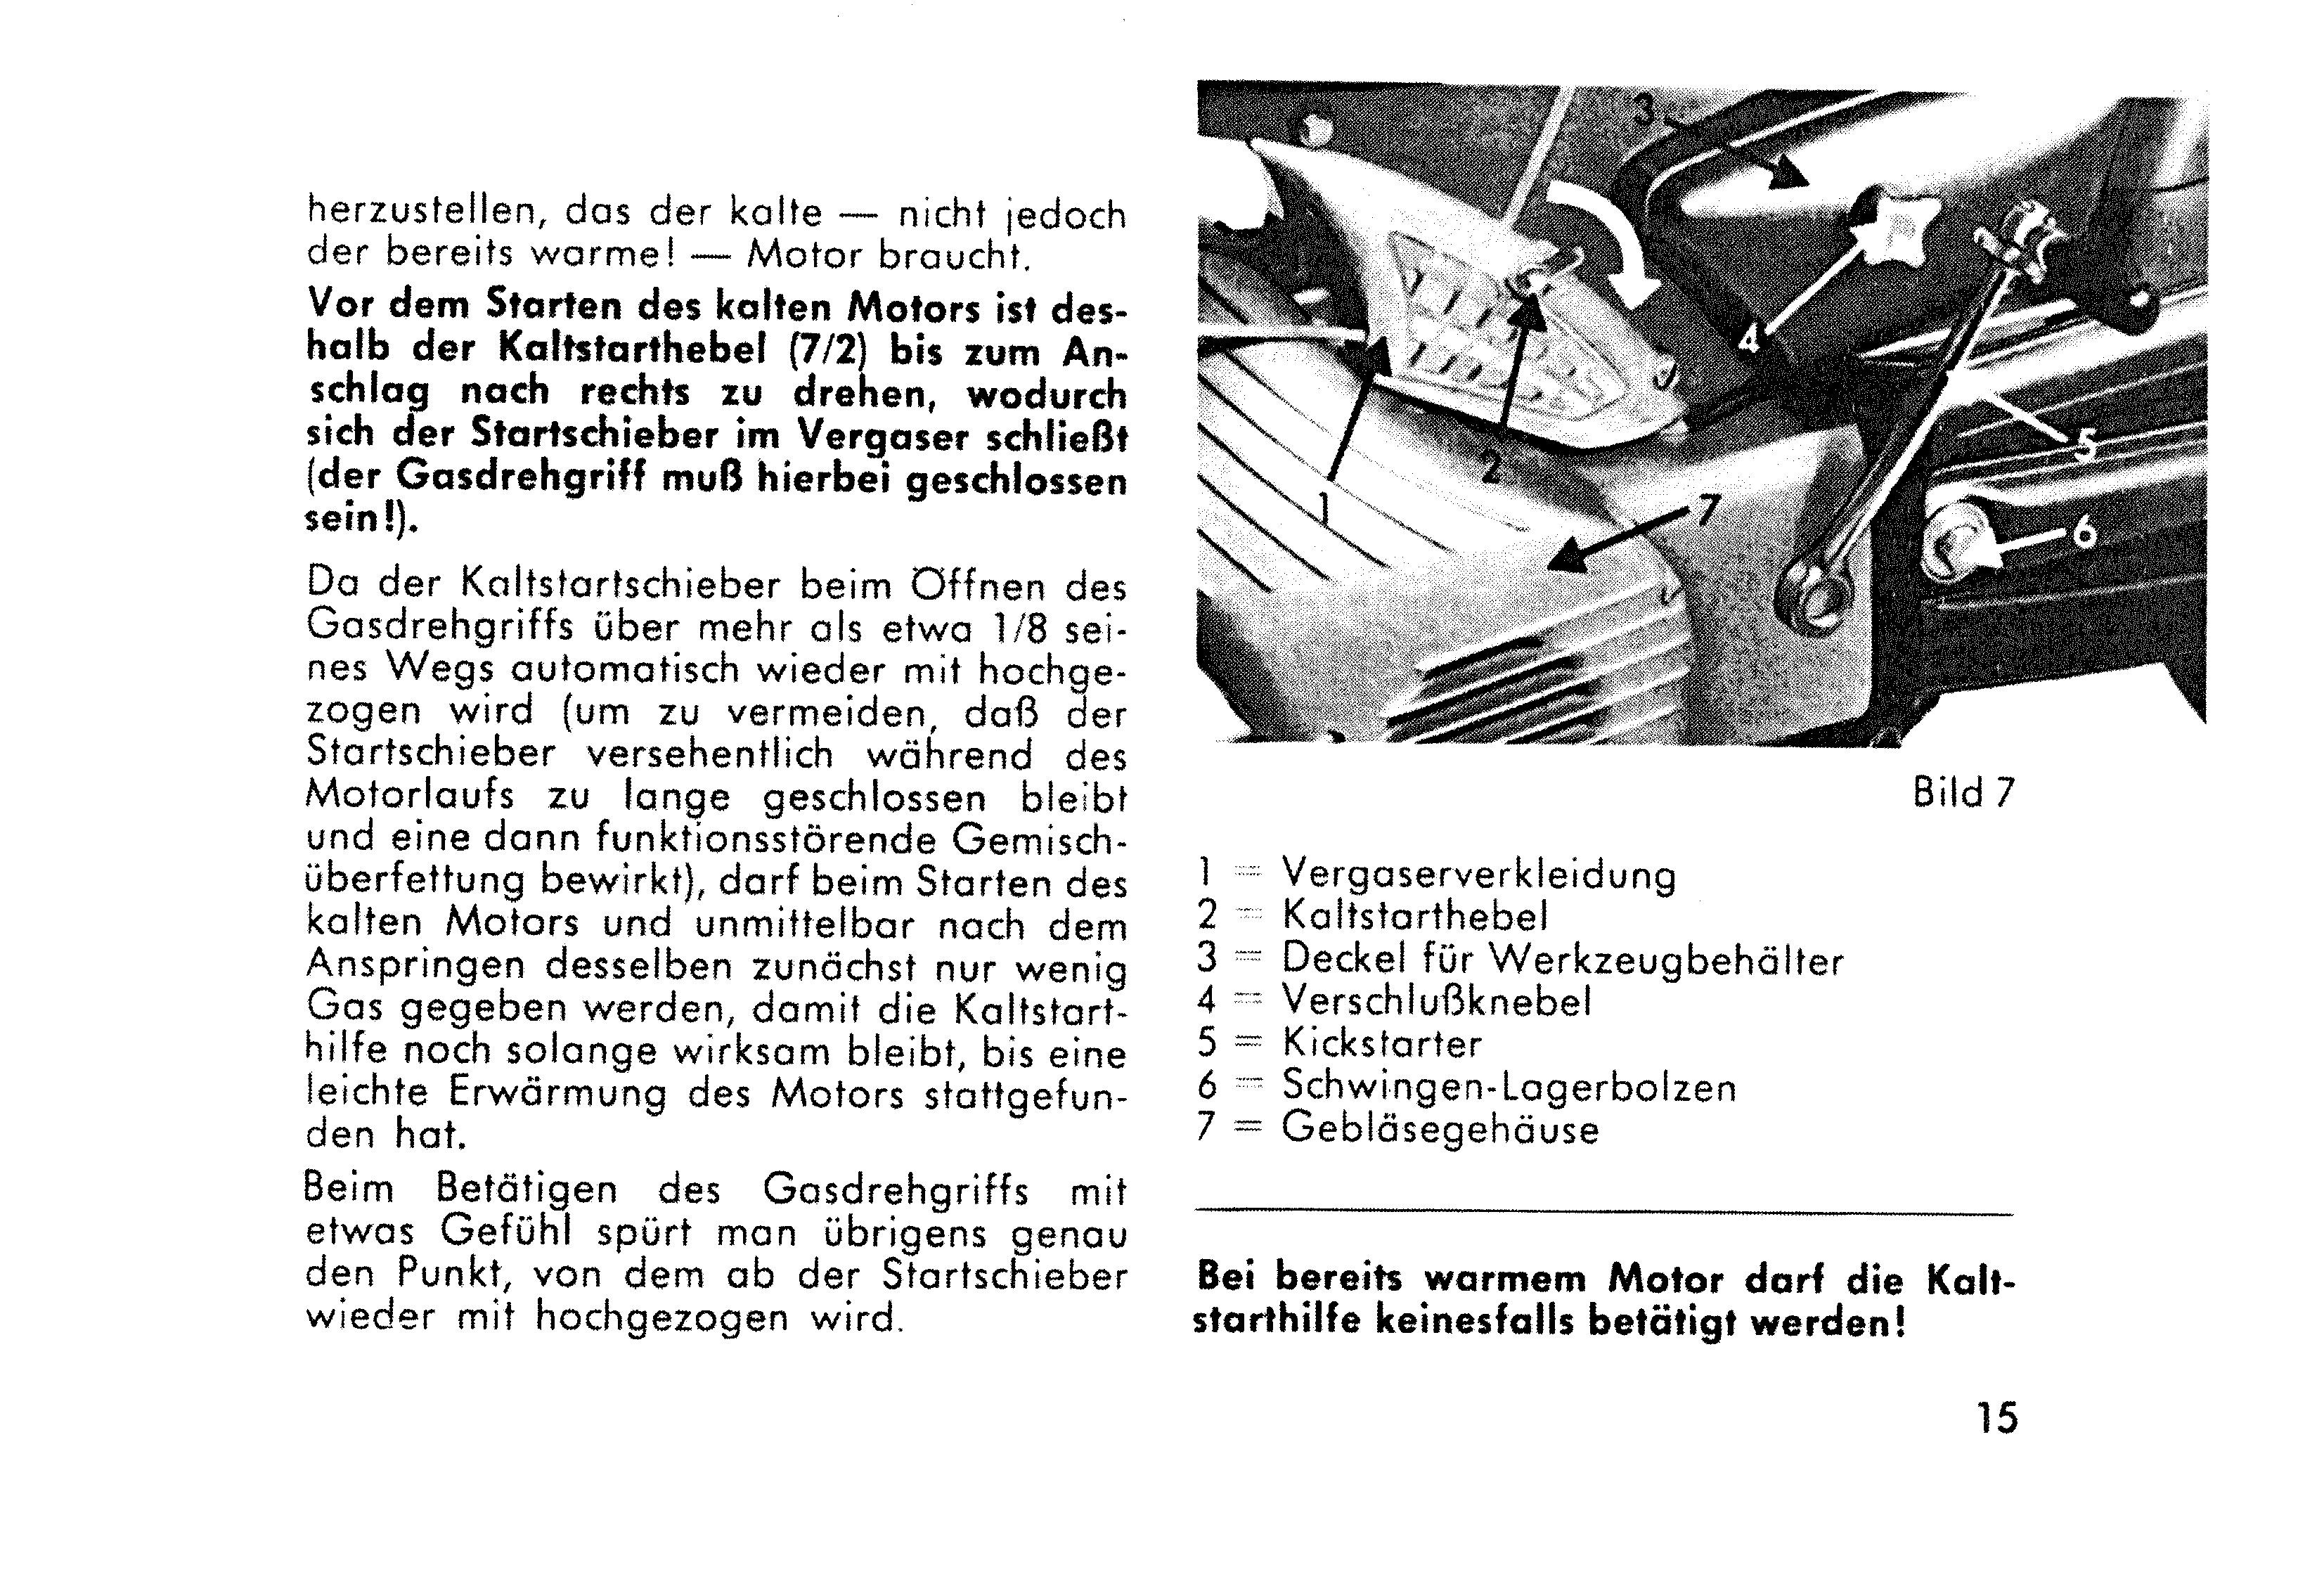 Niedlich Suzuki C50 Schaltplan Zeitgenössisch - Die Besten ...